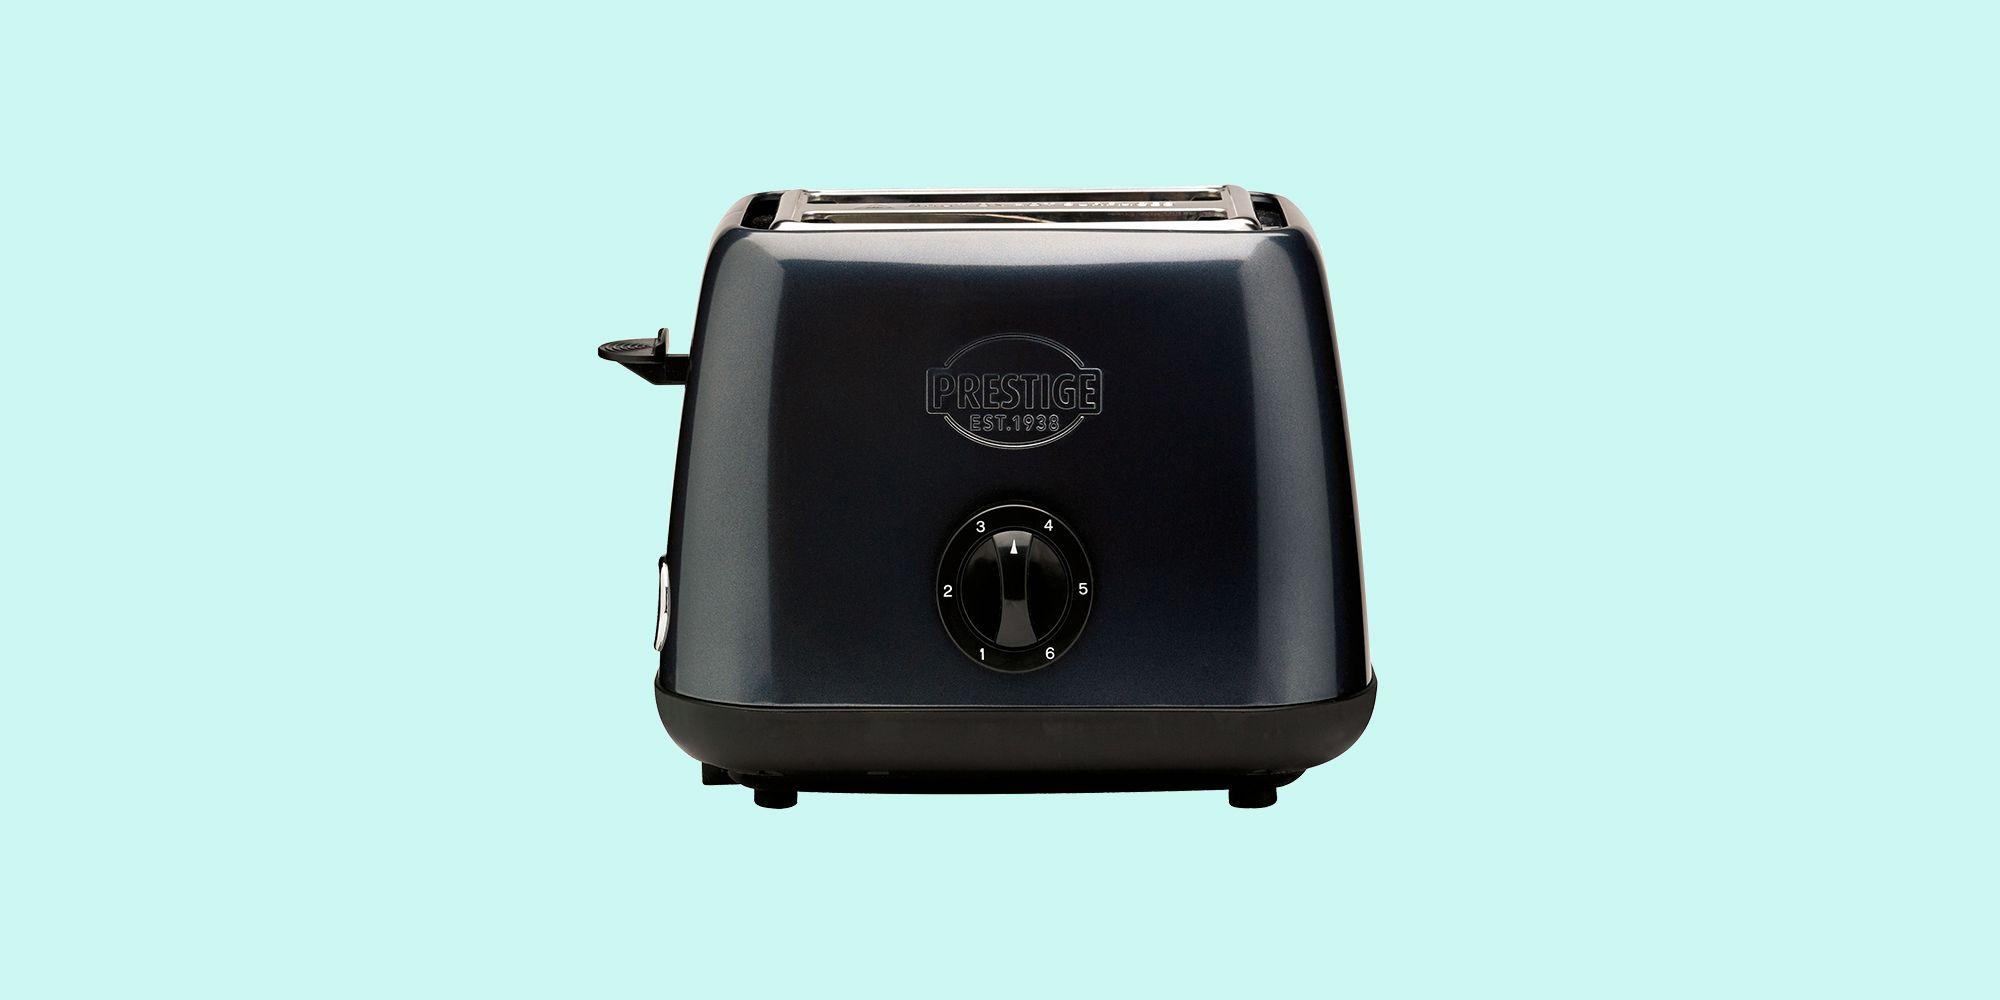 Russell Hobbs Heritage 2 Slice Toaster